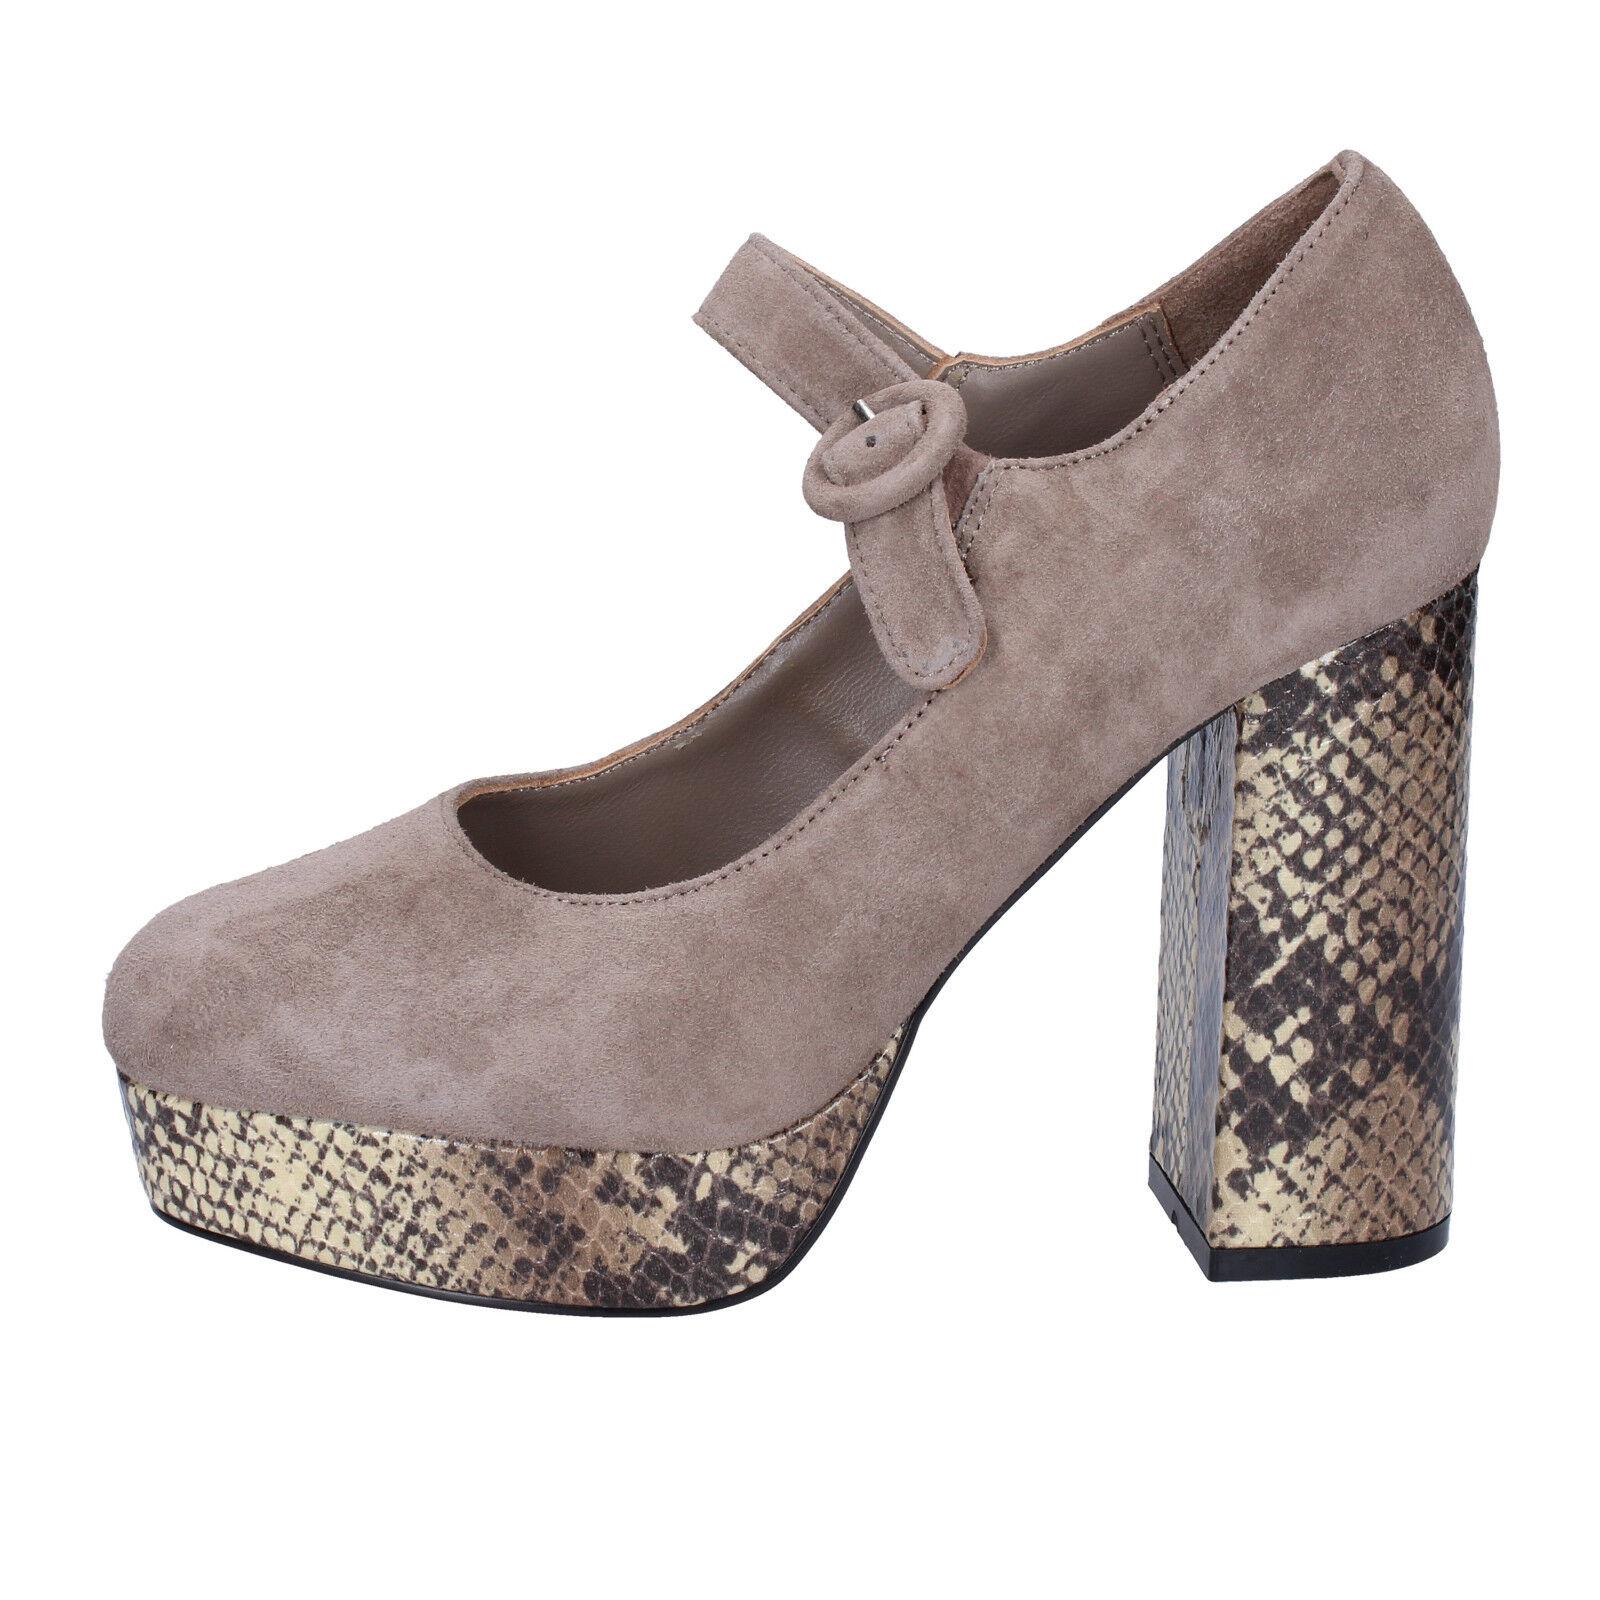 femmes chaussures EMANUELLE VEE 8 (EU 41) courts dark beige suede BX385-41